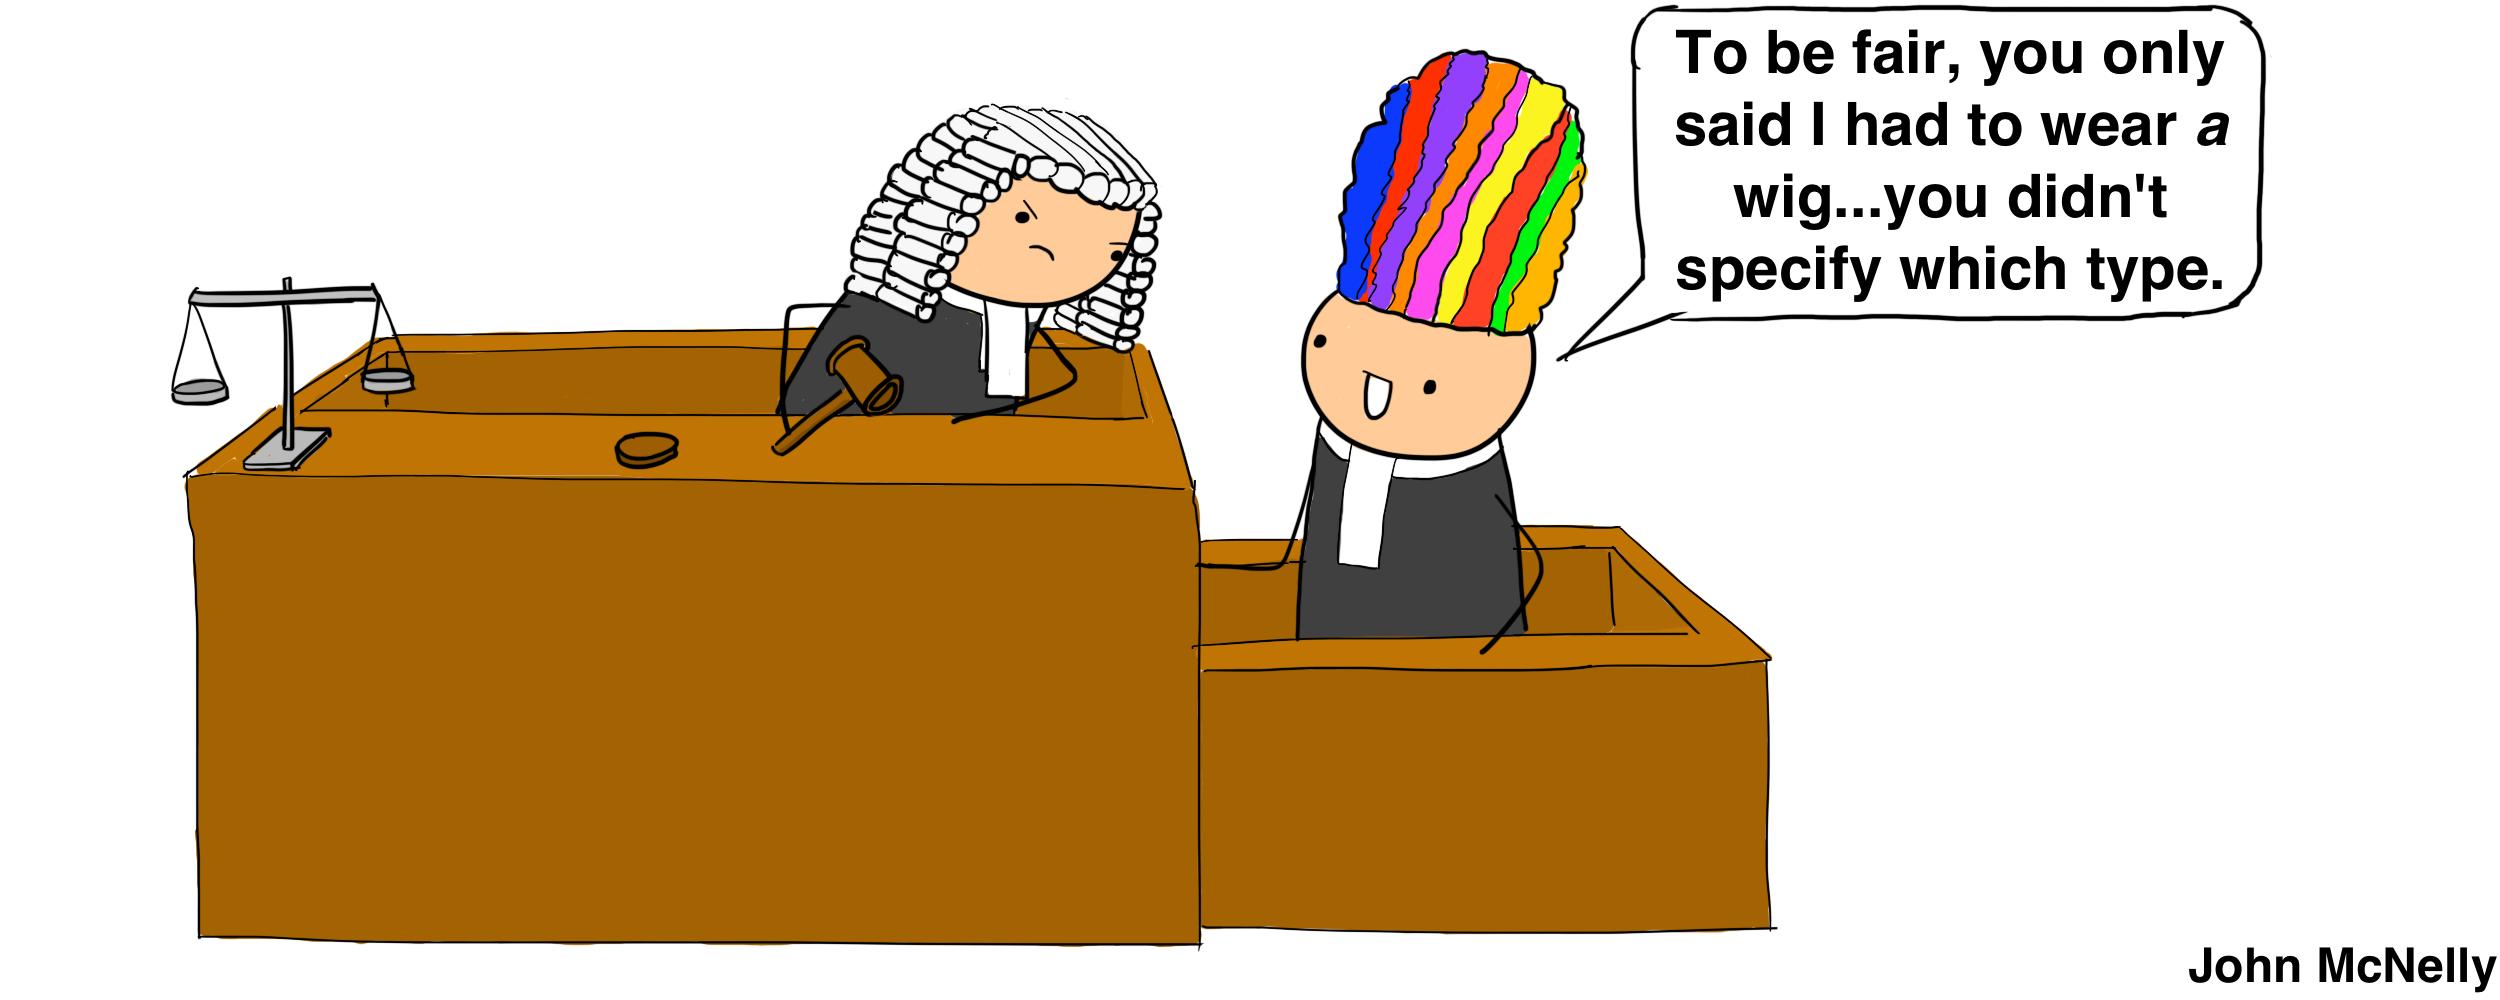 Rainbow Wig of Justice